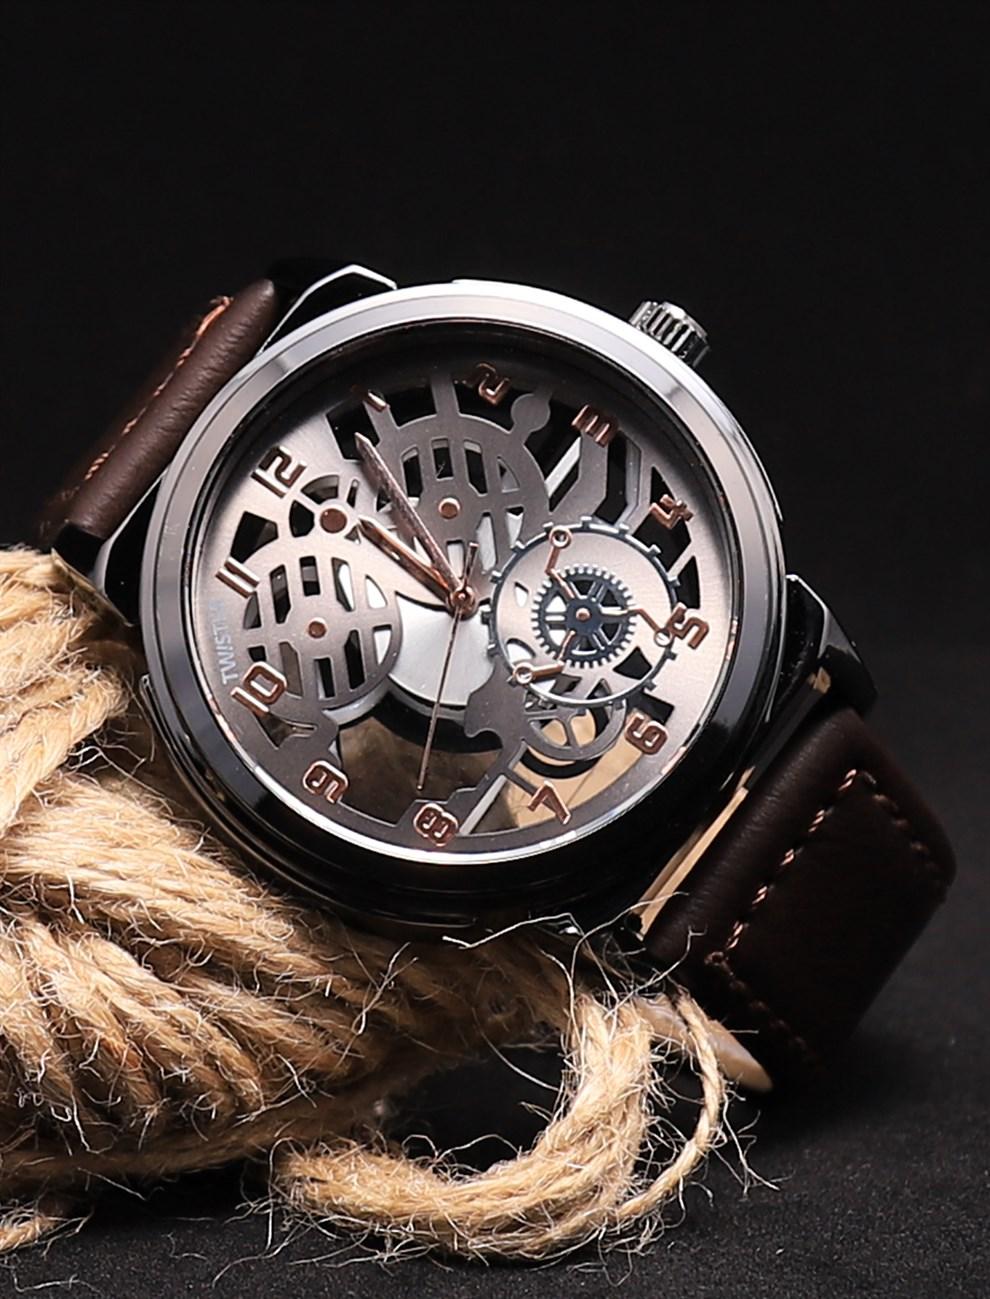 ساعة بإطار معدني دائري بسوار بني رجالي